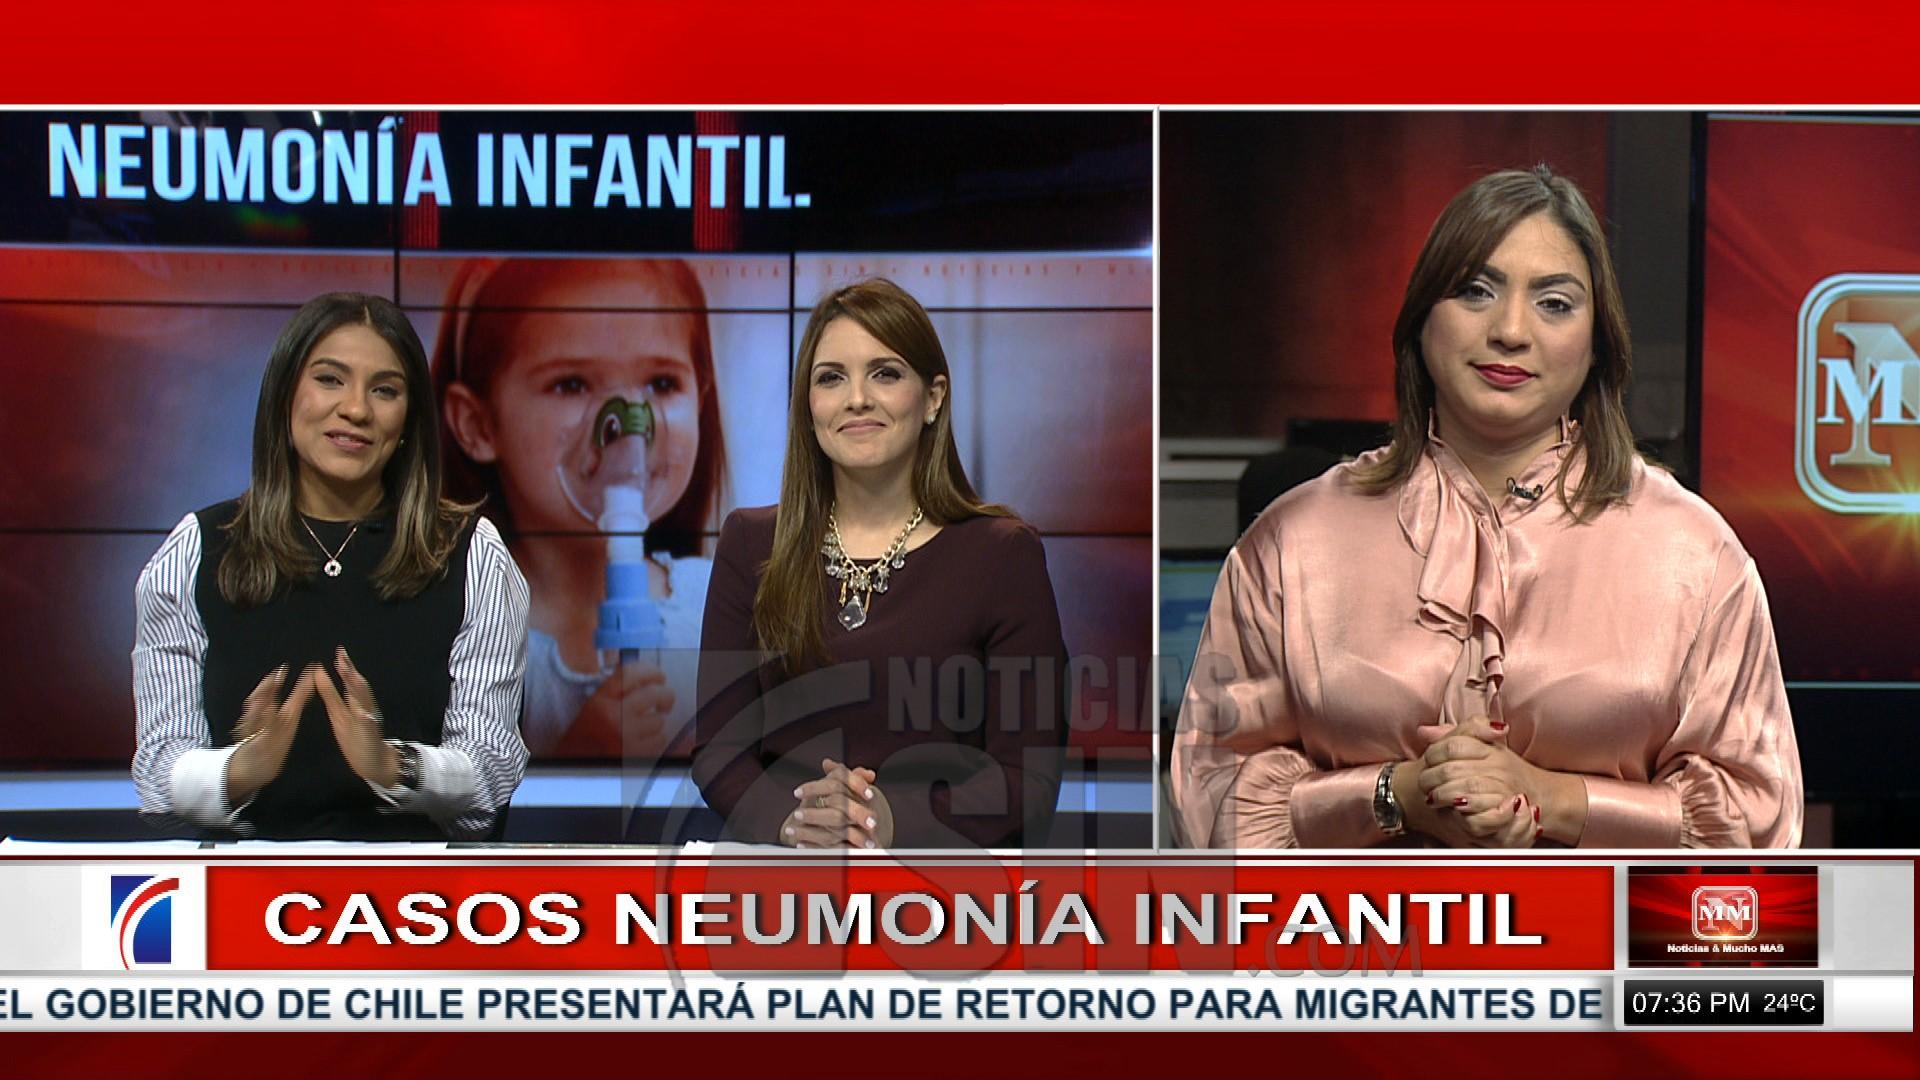 La neumonía es la principal causa de mortalidad infantil en el mundo